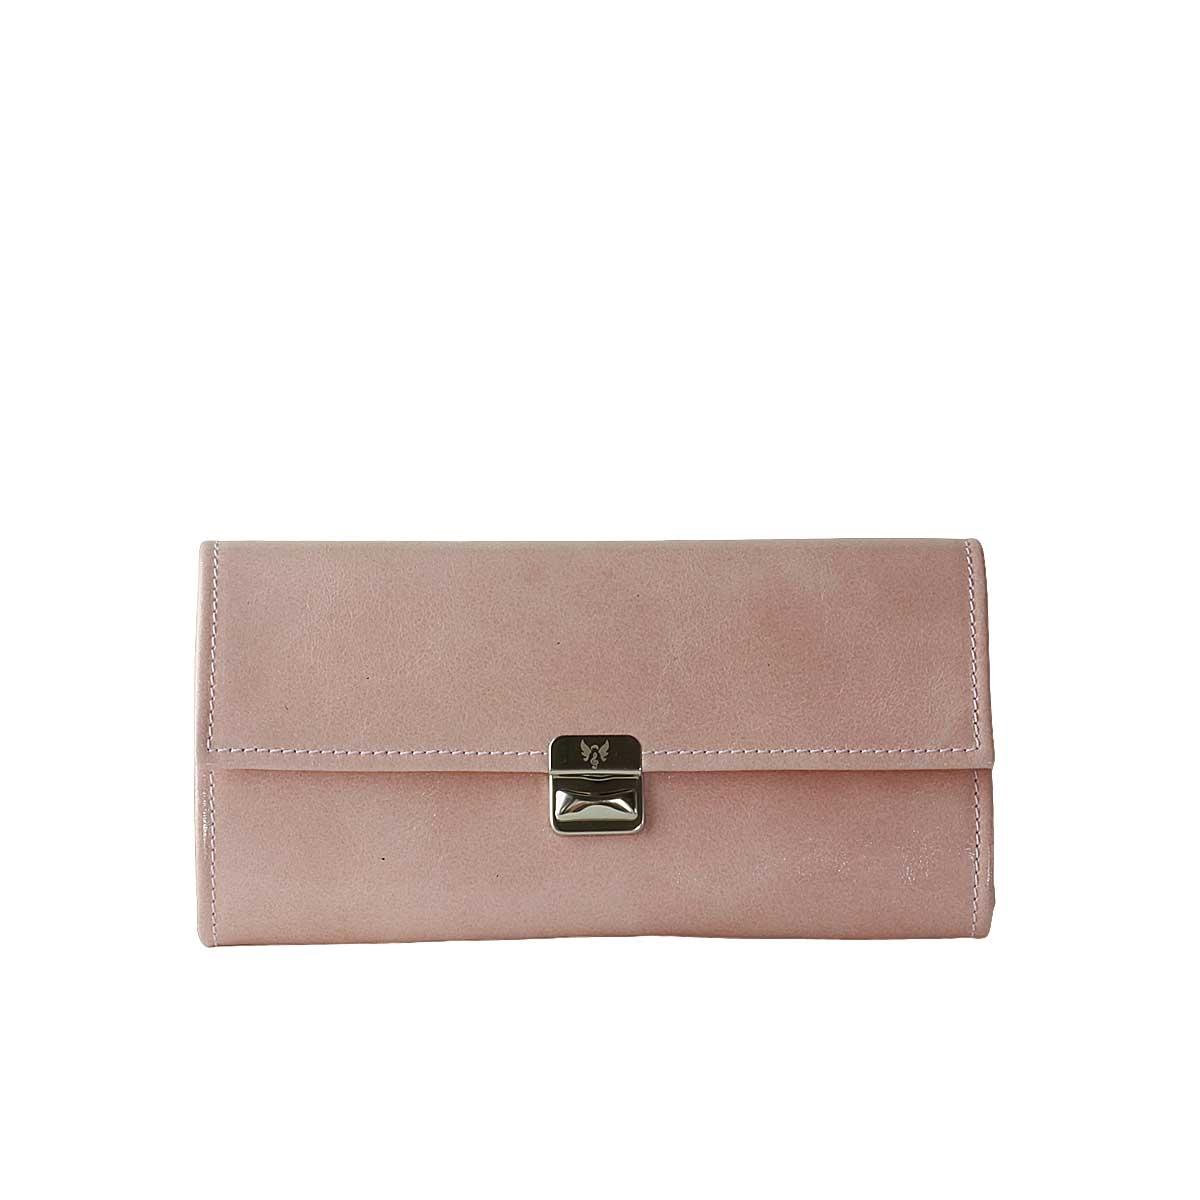 Extra grosse Damen Geldbörse Blush Glanz XL